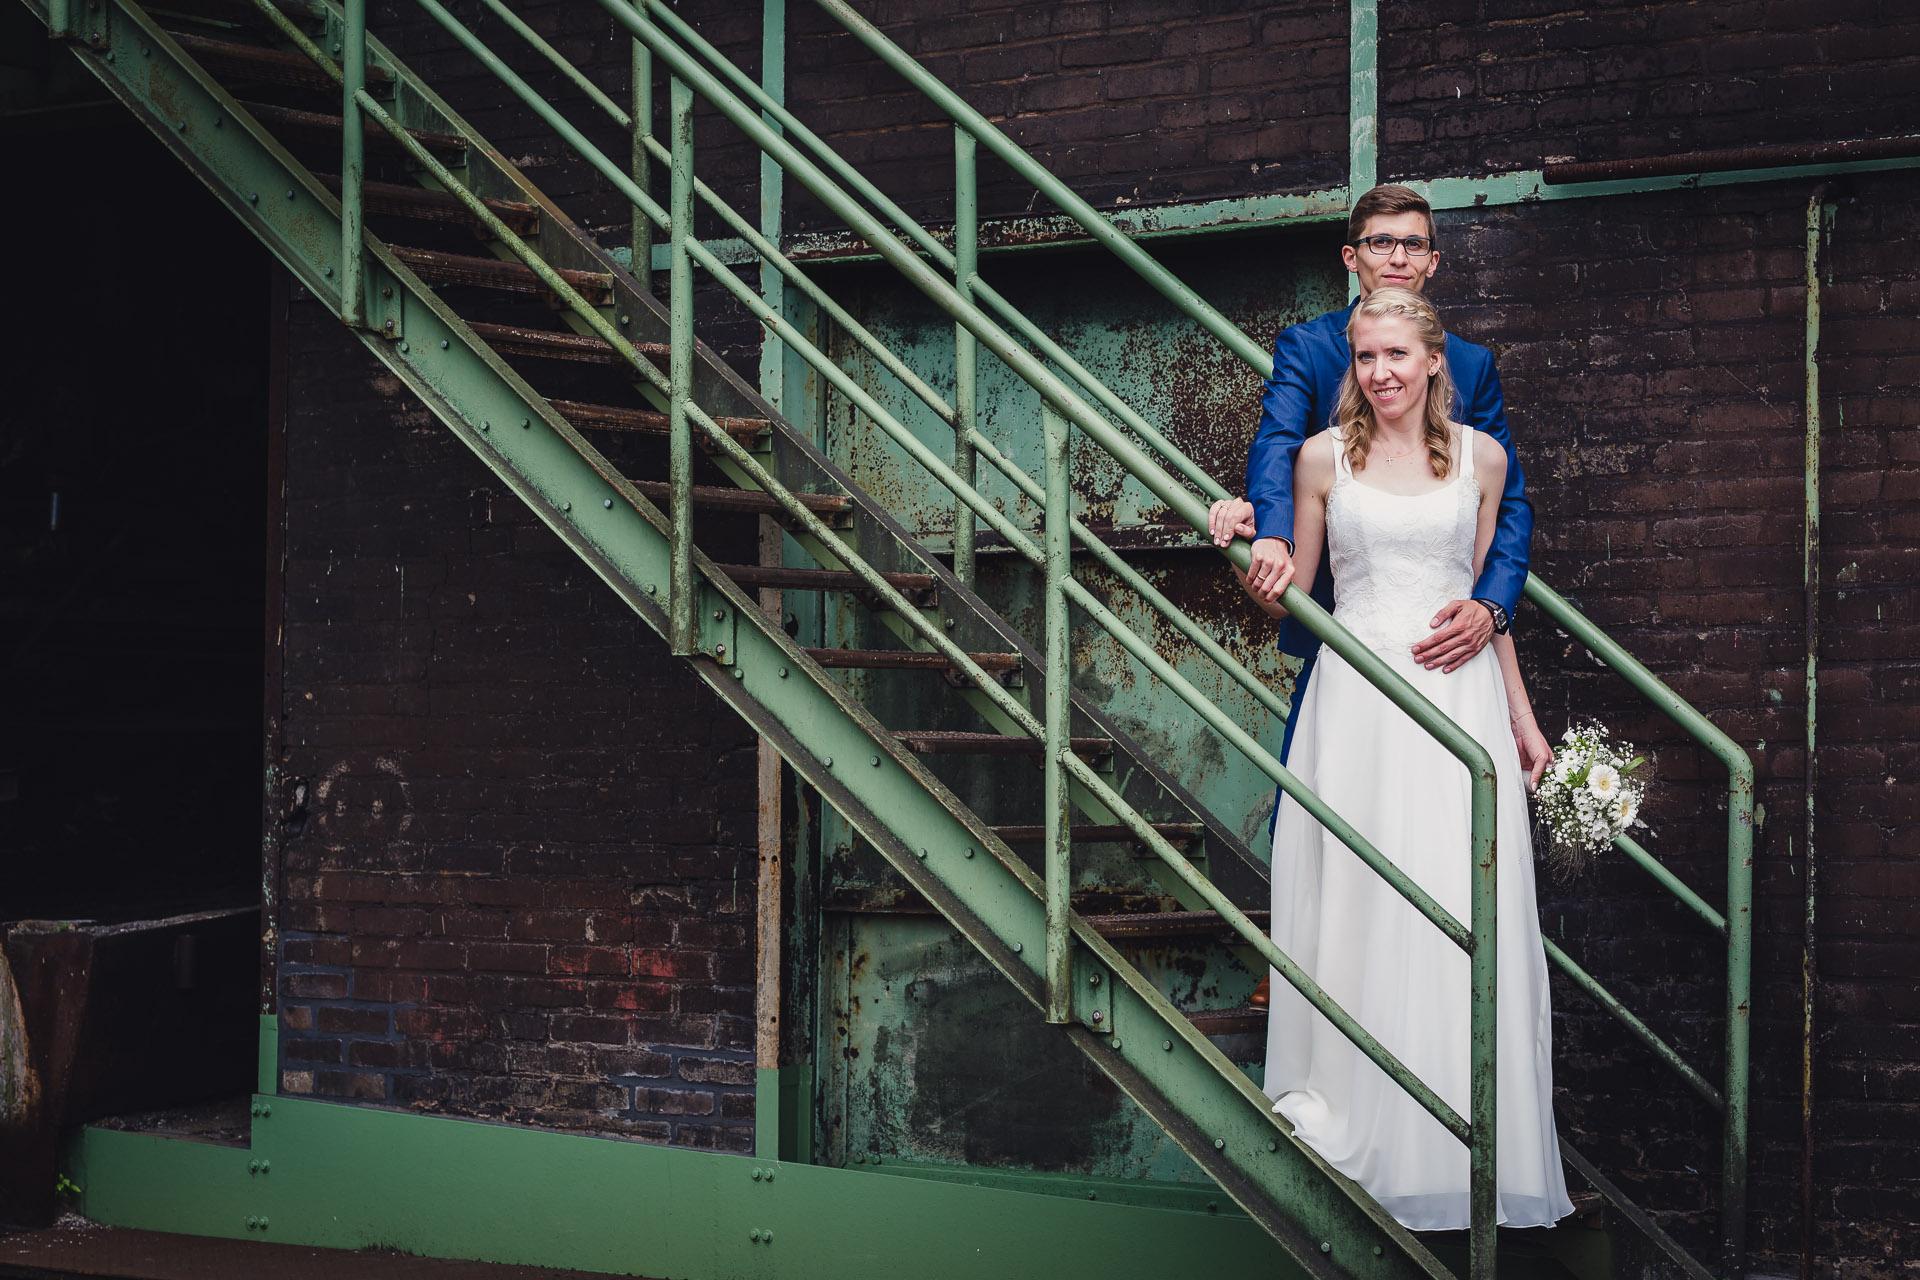 Hochzeitsfotograf Ruhrgebiet - Hochzeitspaar Henrichshütte